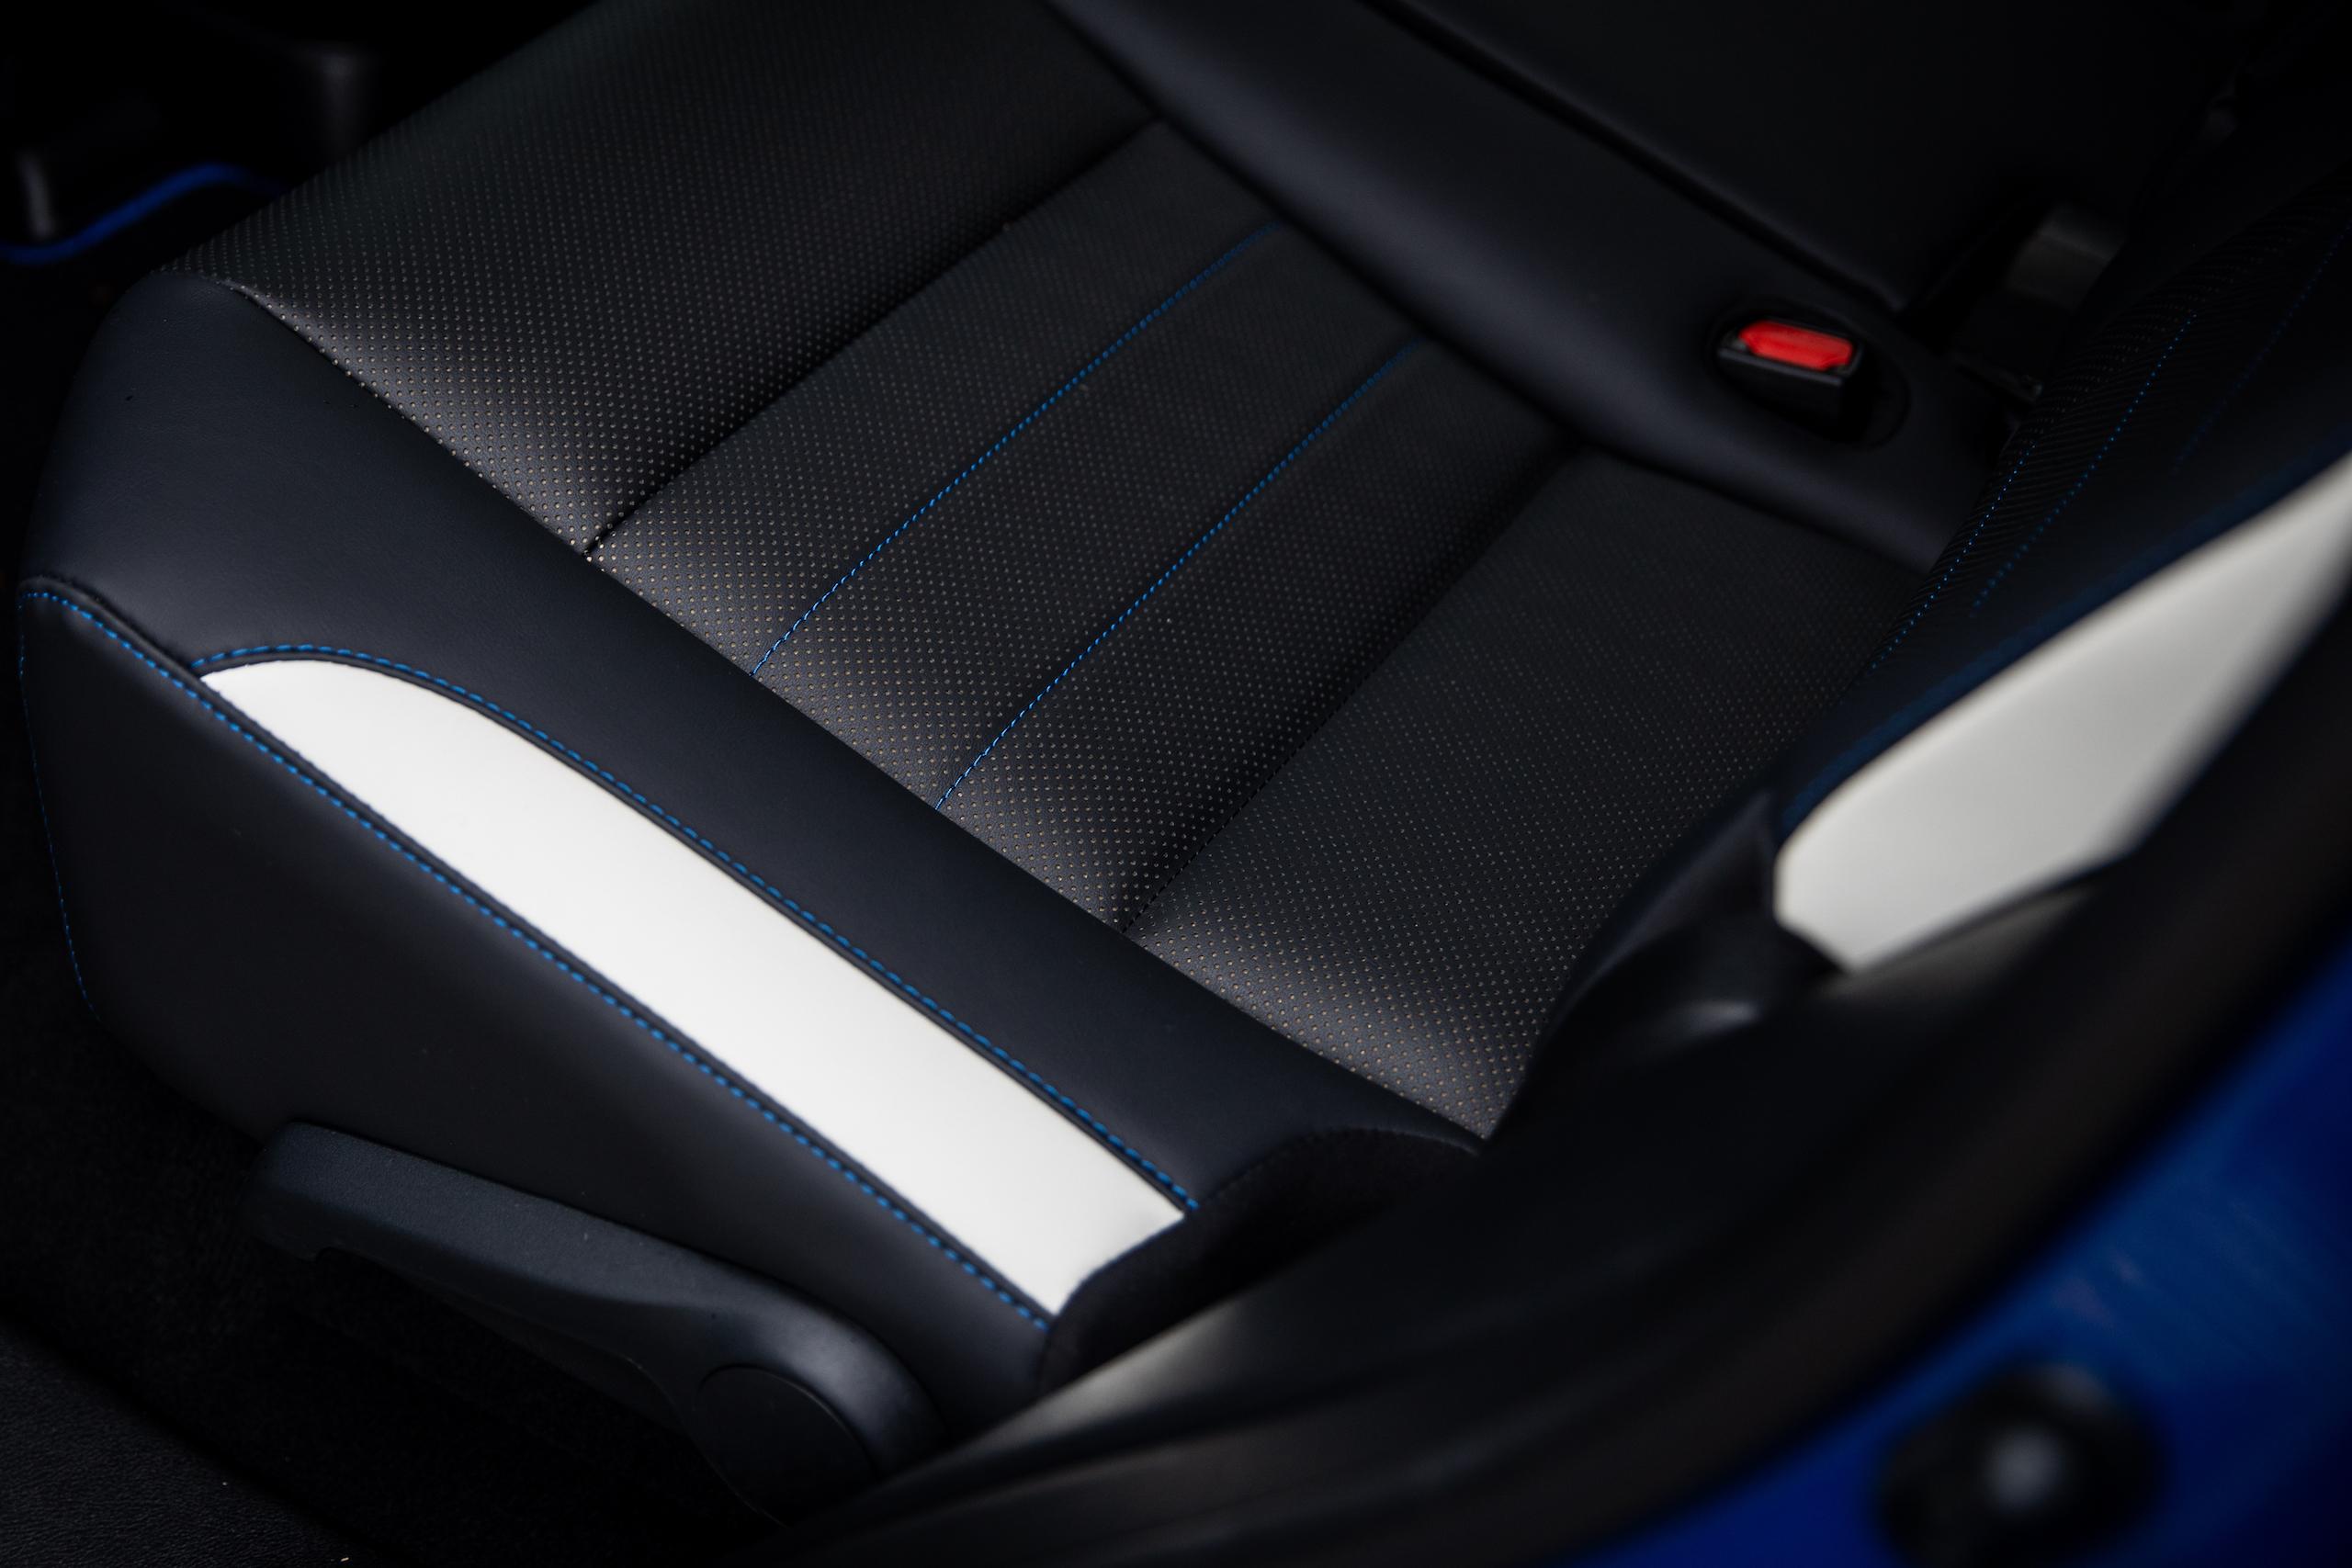 2021 Lexus RX450h interior seat cushion detail